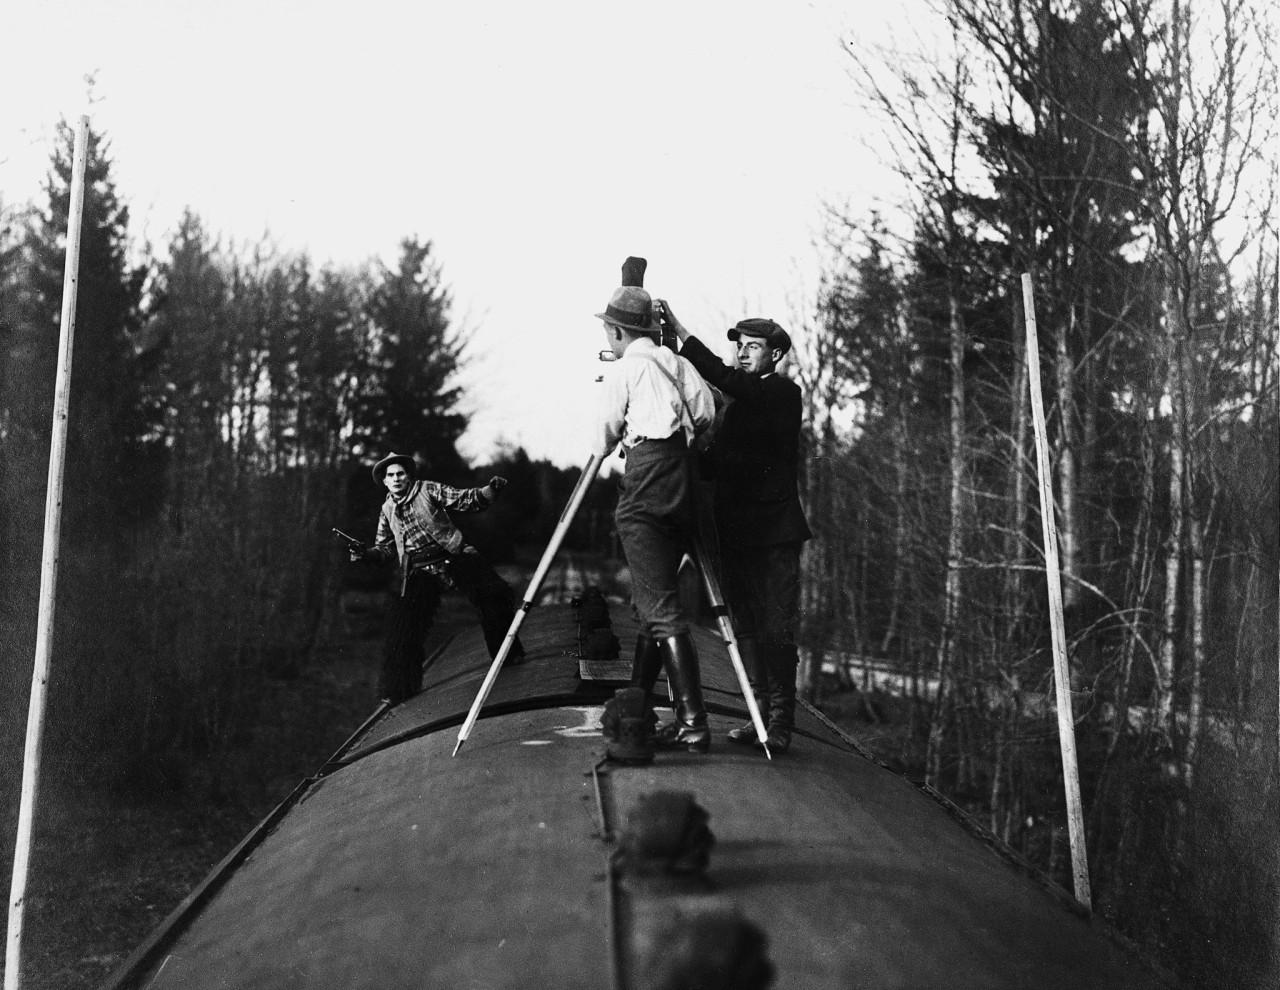 """August y Robert subidos a un tren durante la filmación de """"Ladrones de trenes"""", en 1920"""